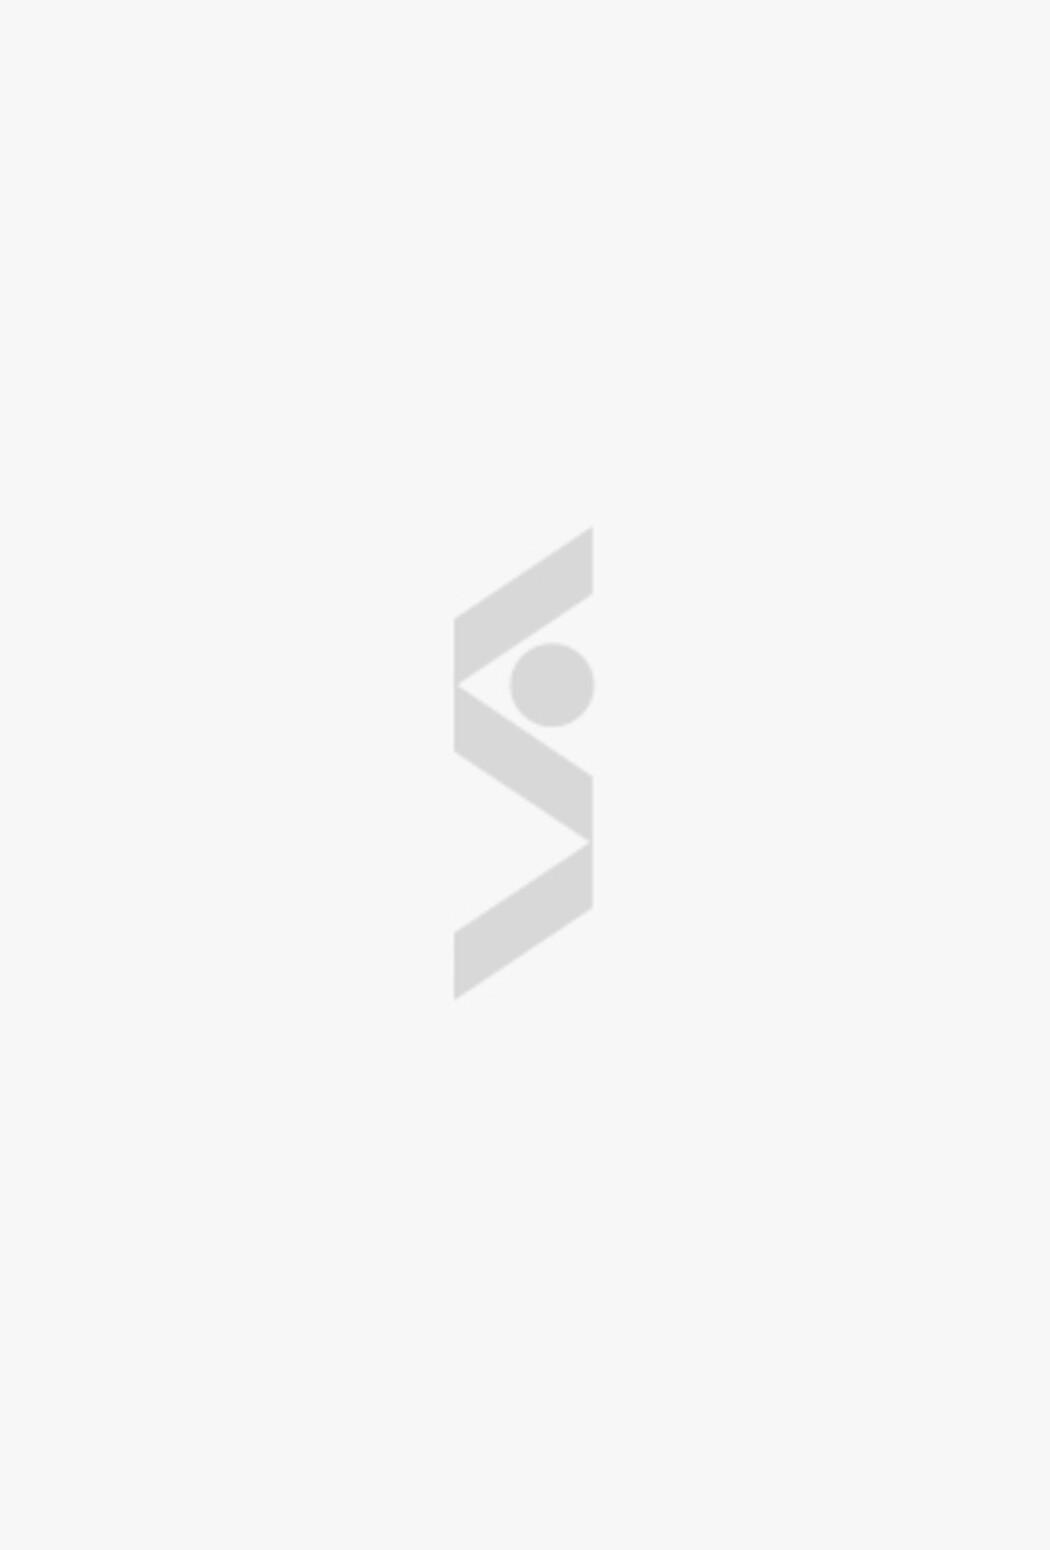 Кожаные босоножки на танкетке Minelli - купить, цена 8990 ₽ в Москве в интернет-магазине СТОКМАНН